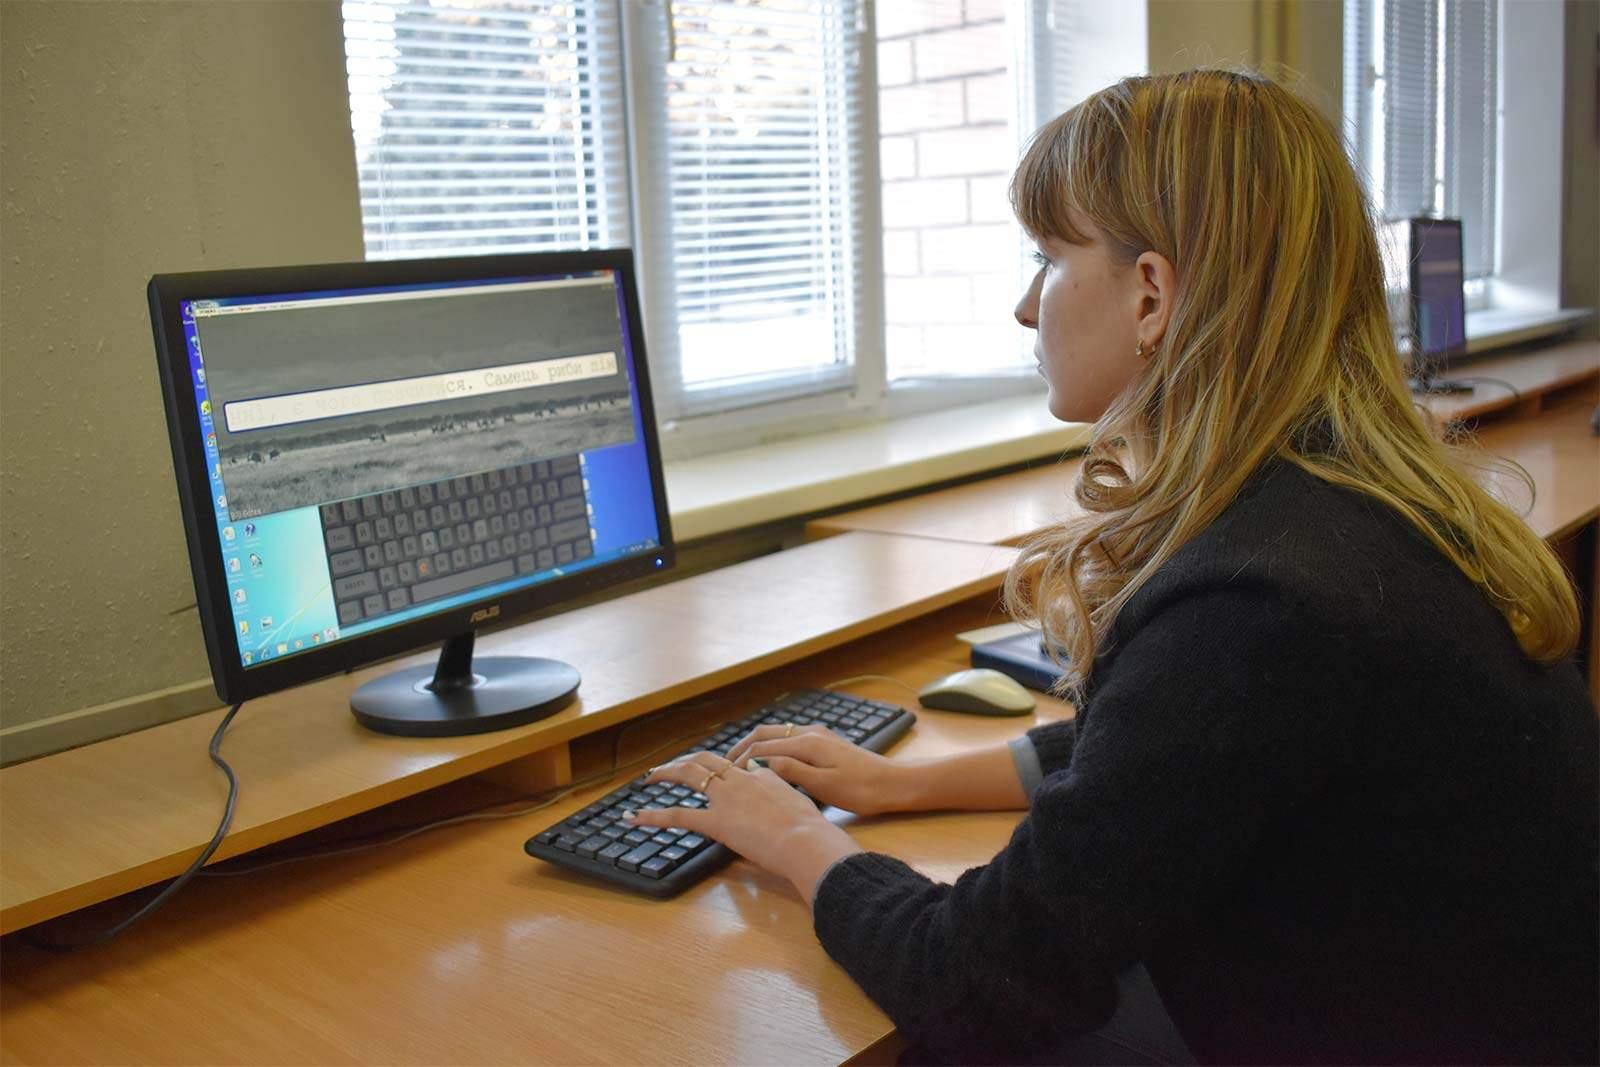 змагання зі швидкісного набору тексту на комп'ютері